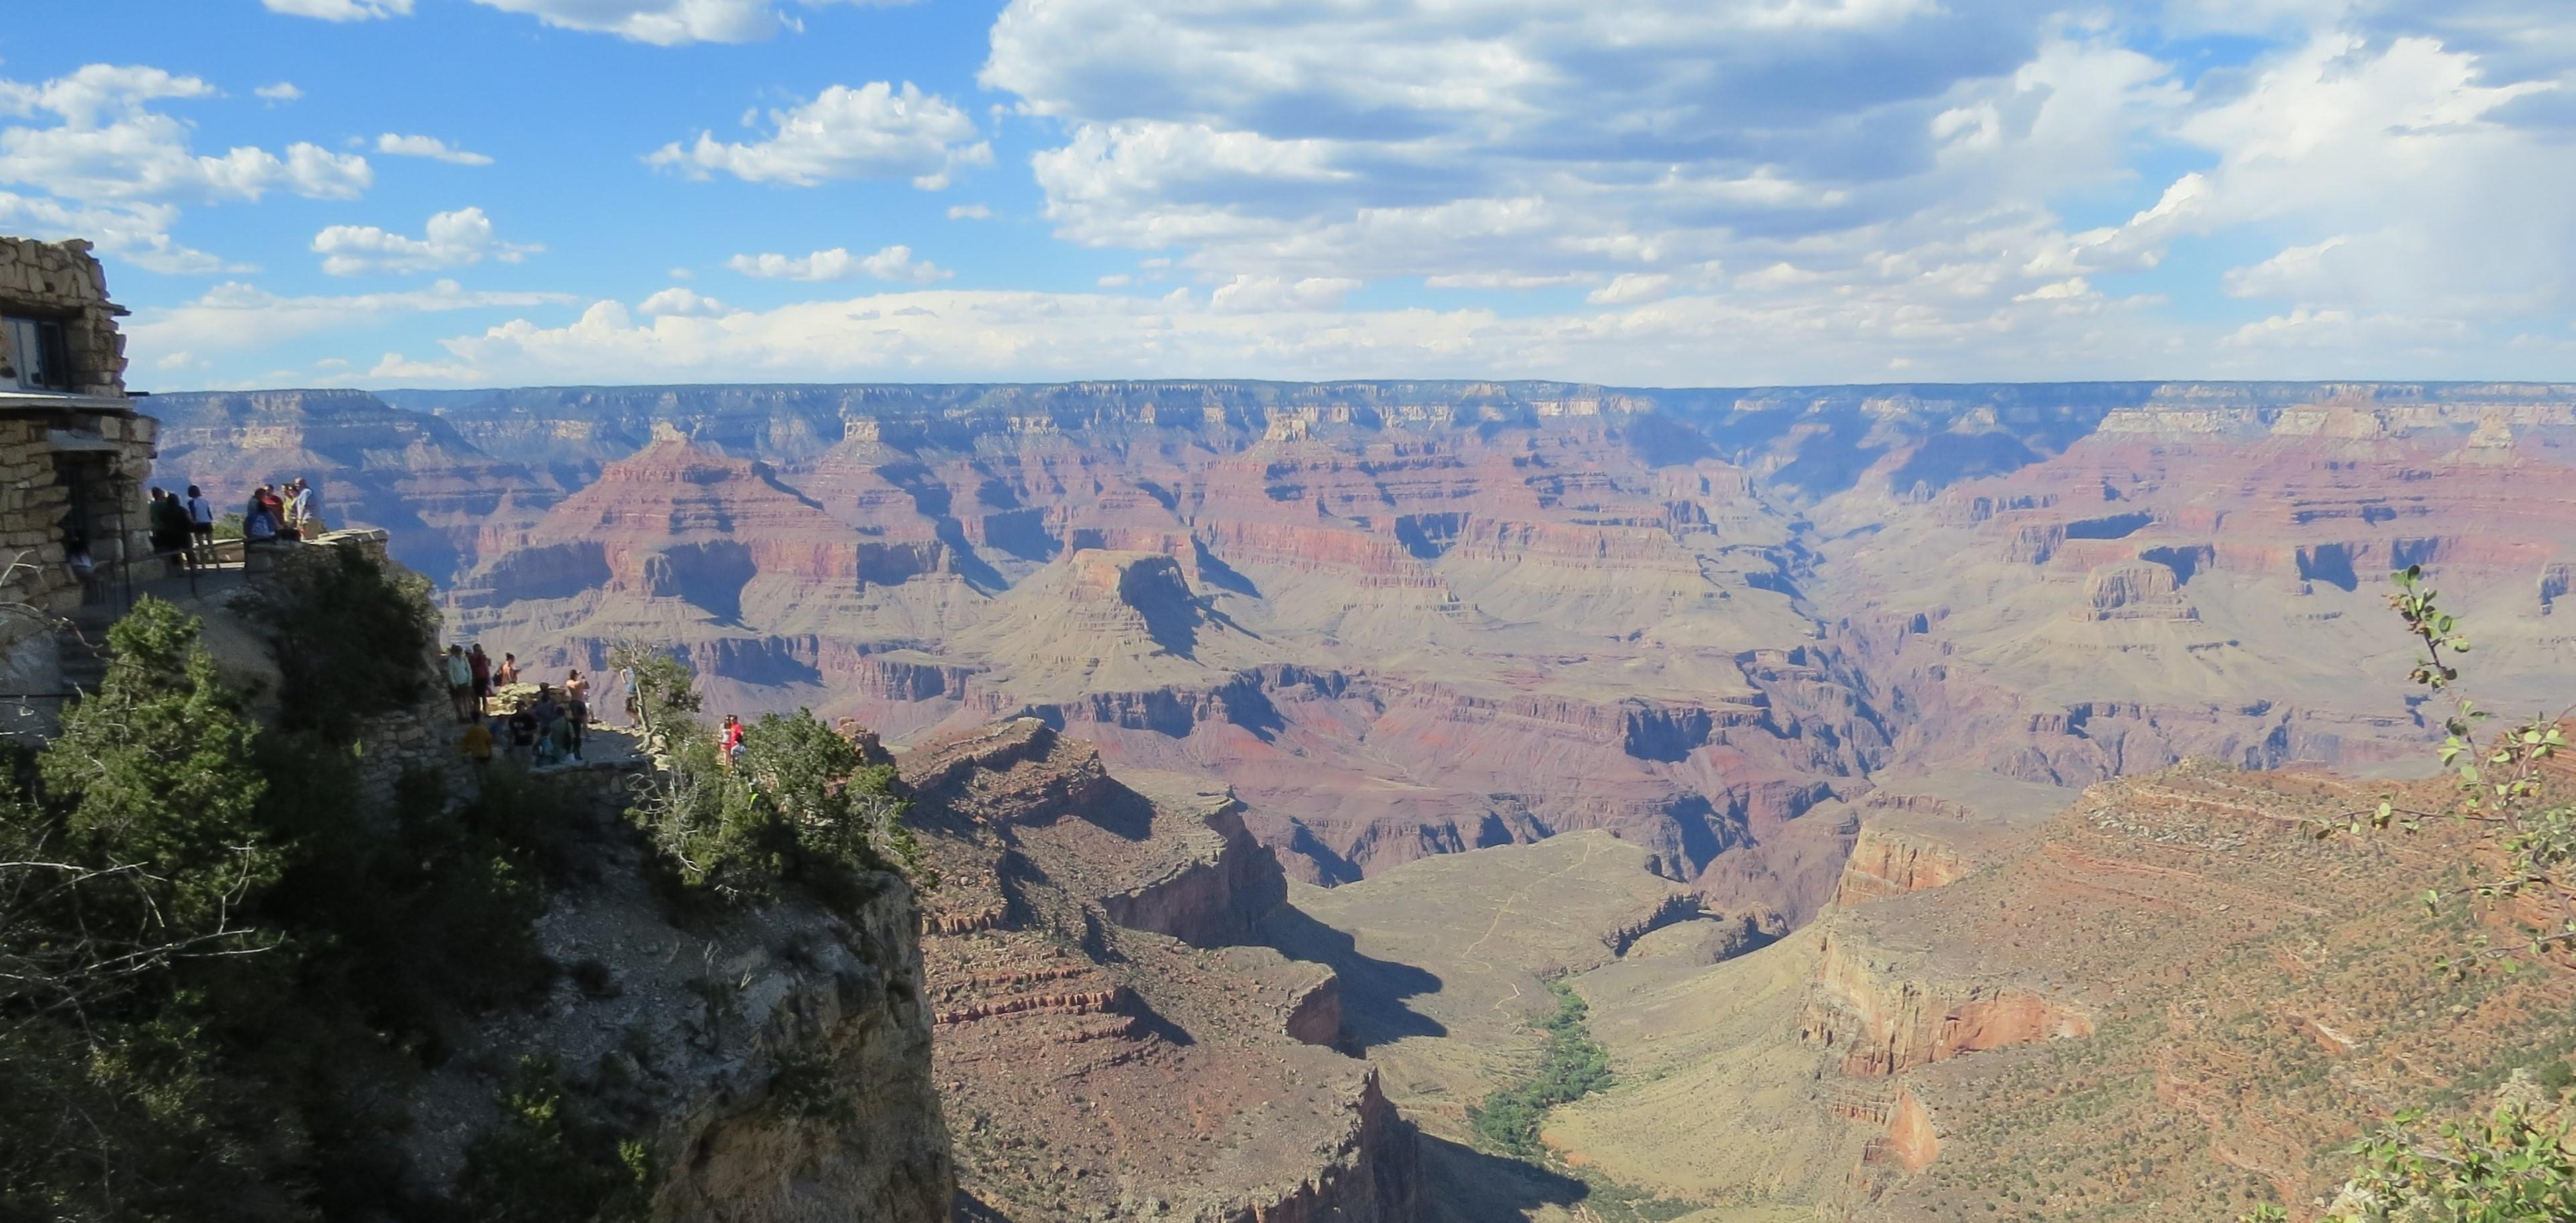 アメリカ国立公園でジュニアレンジャーになろう!